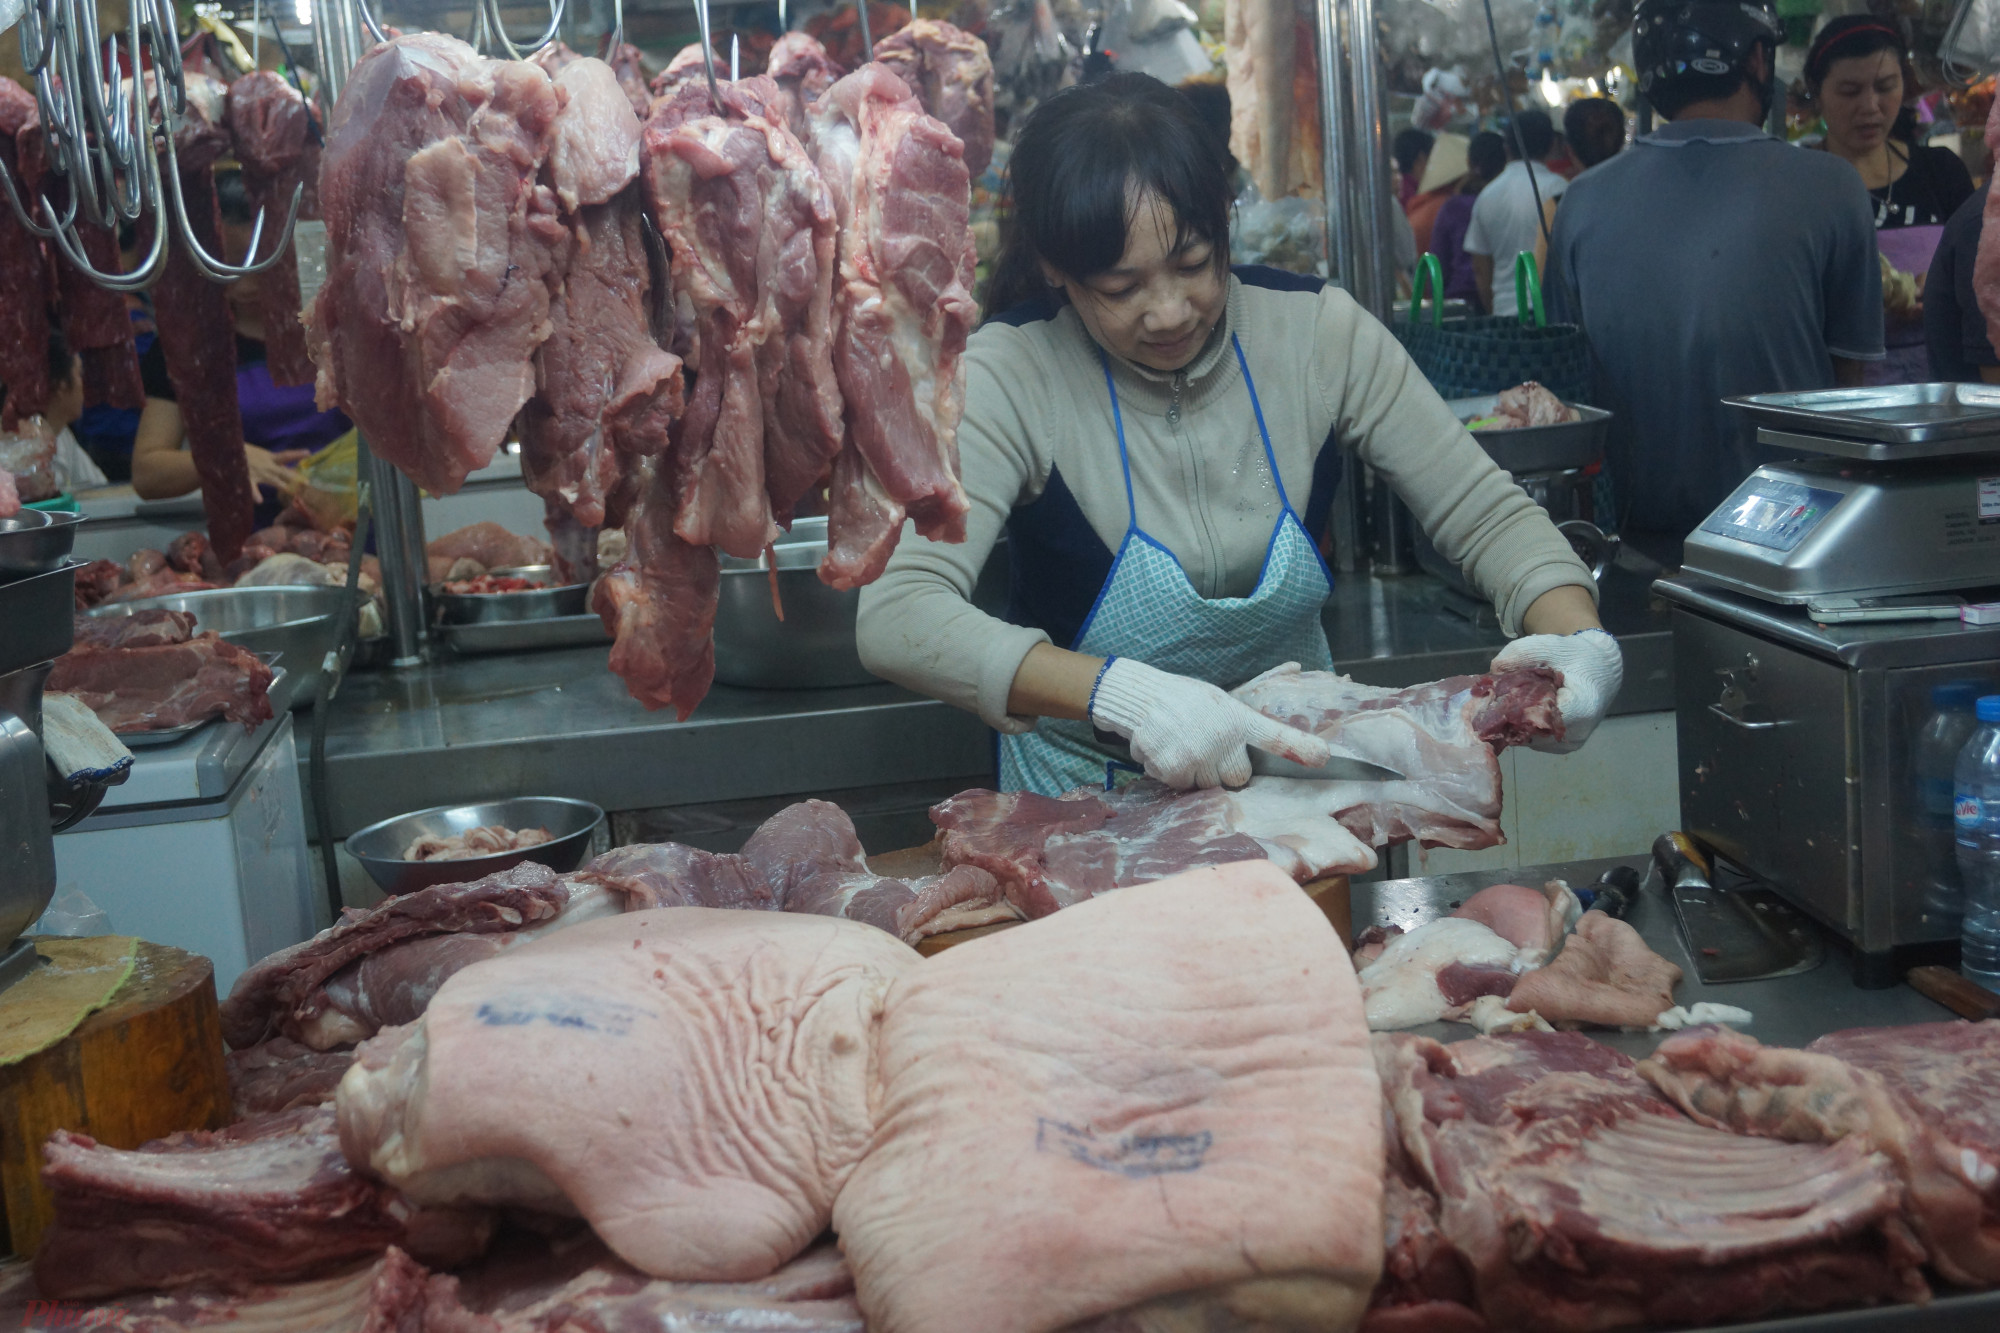 Giá thịt heo bán lẻ tại các chợ hiện vẫn tương đương thời điểm giá heo hơi trên 80.000 đồng/kg